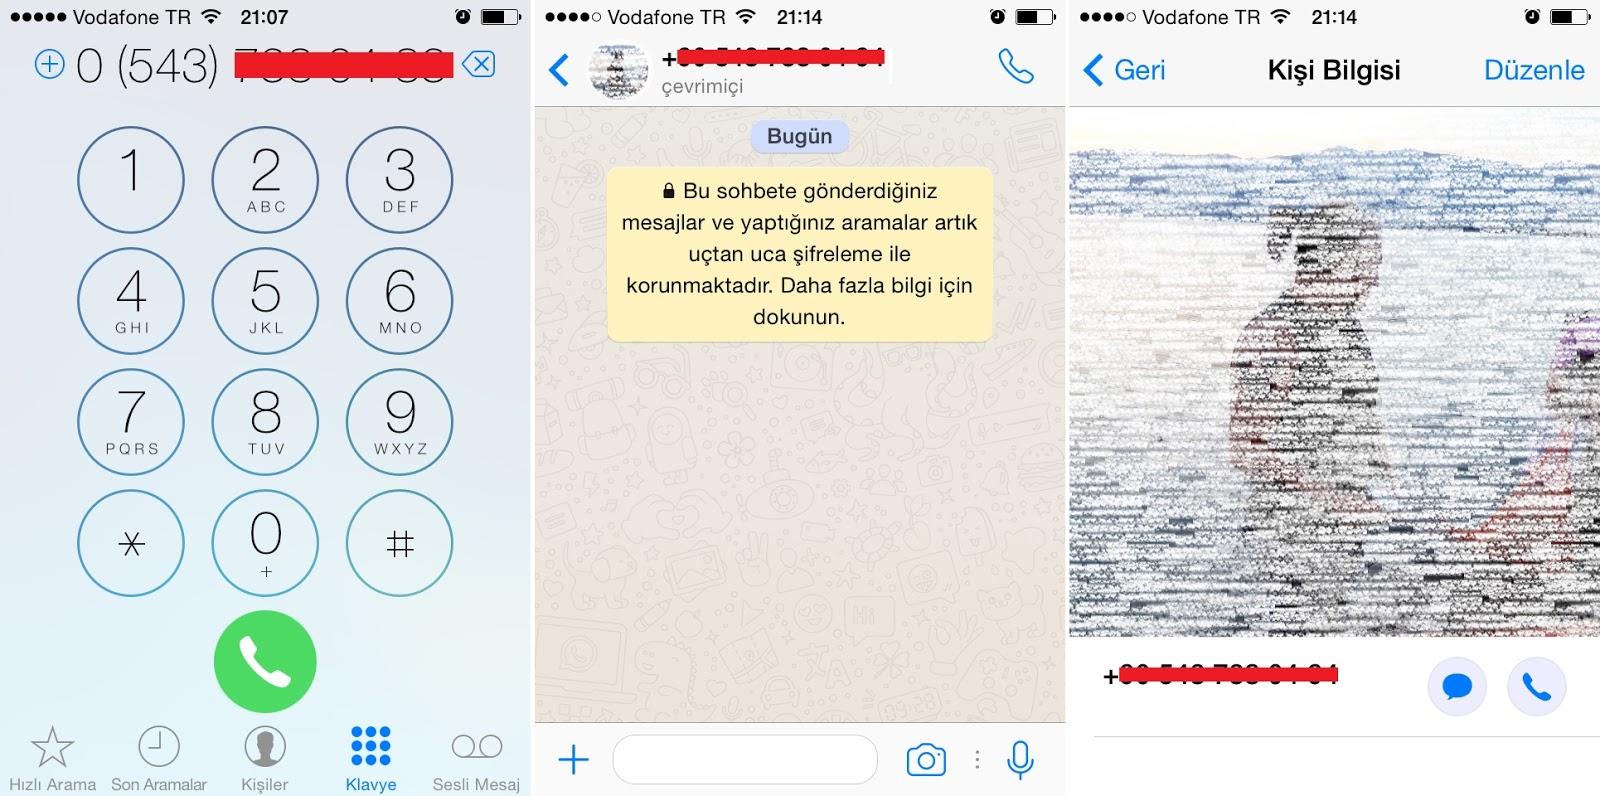 WhatsApp - Telefon Numarasından Yer ve Adres Bulma